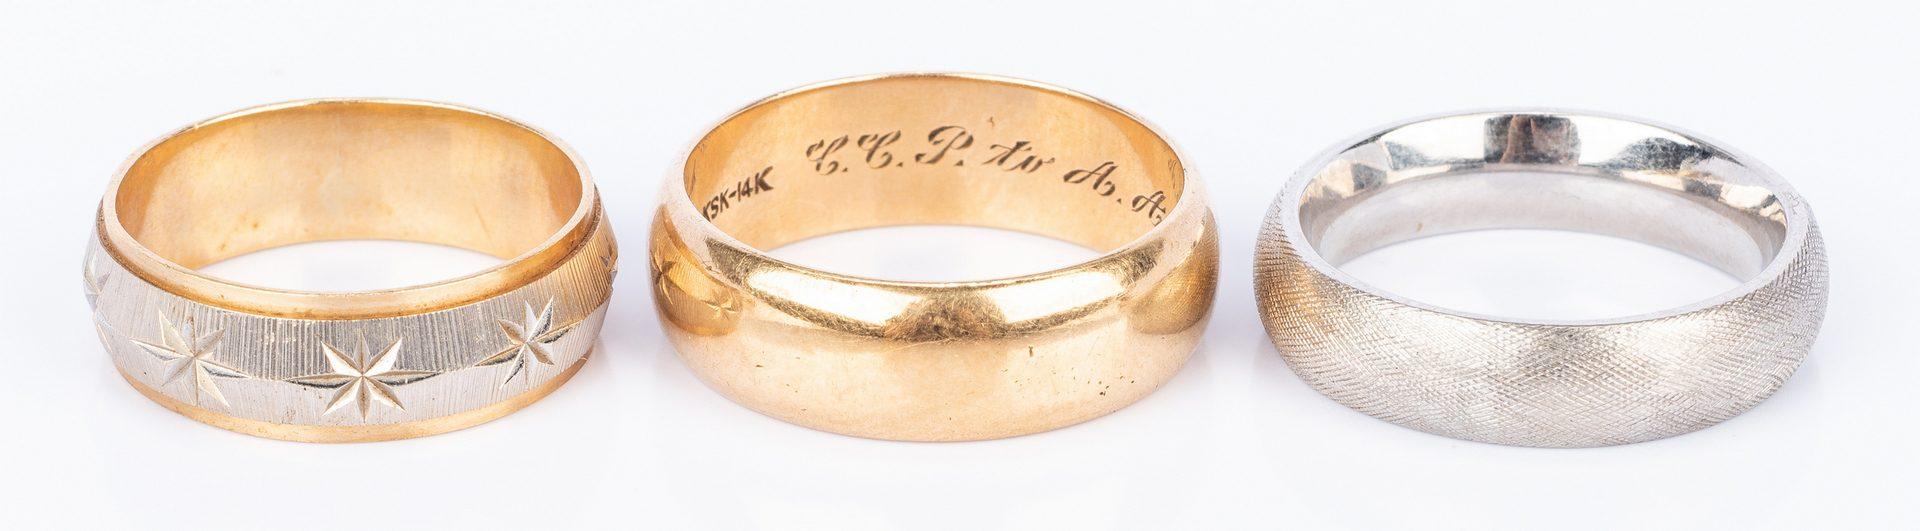 Lot 436: Group of 11 pcs 14K gold Jewelry, incl. Masonic